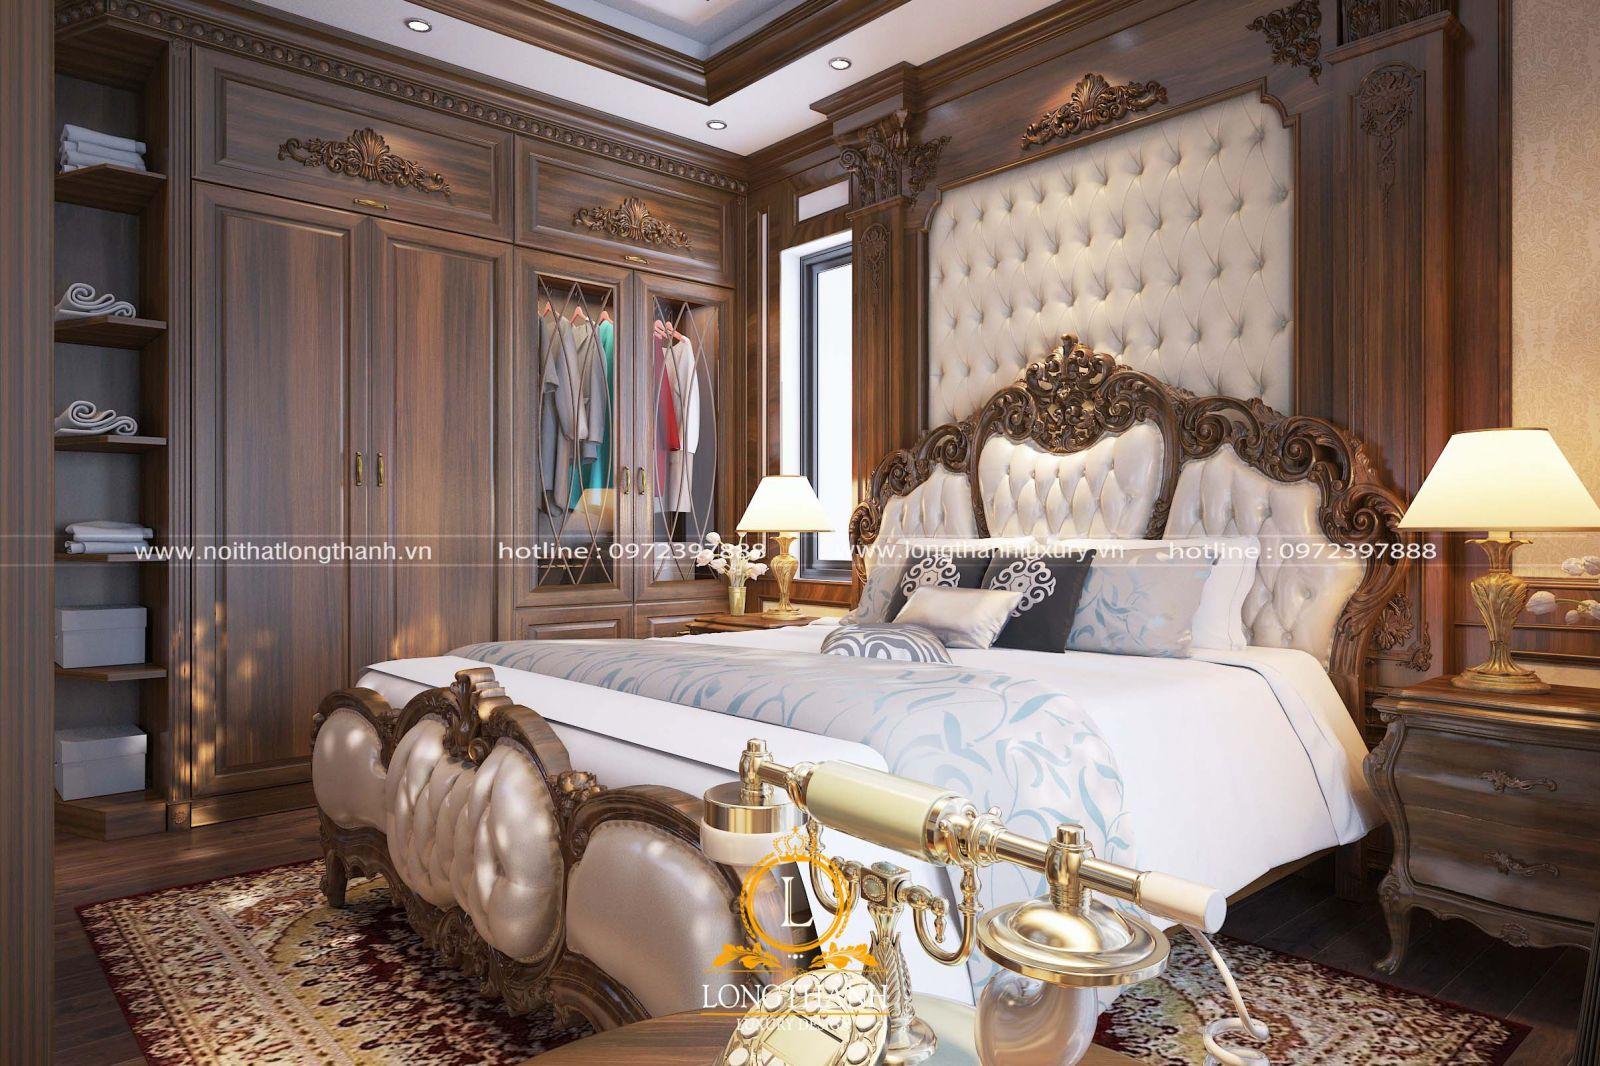 Phòng ngủ đẹp ấn tượng nhờ bộ giường tủ tân cổ điển